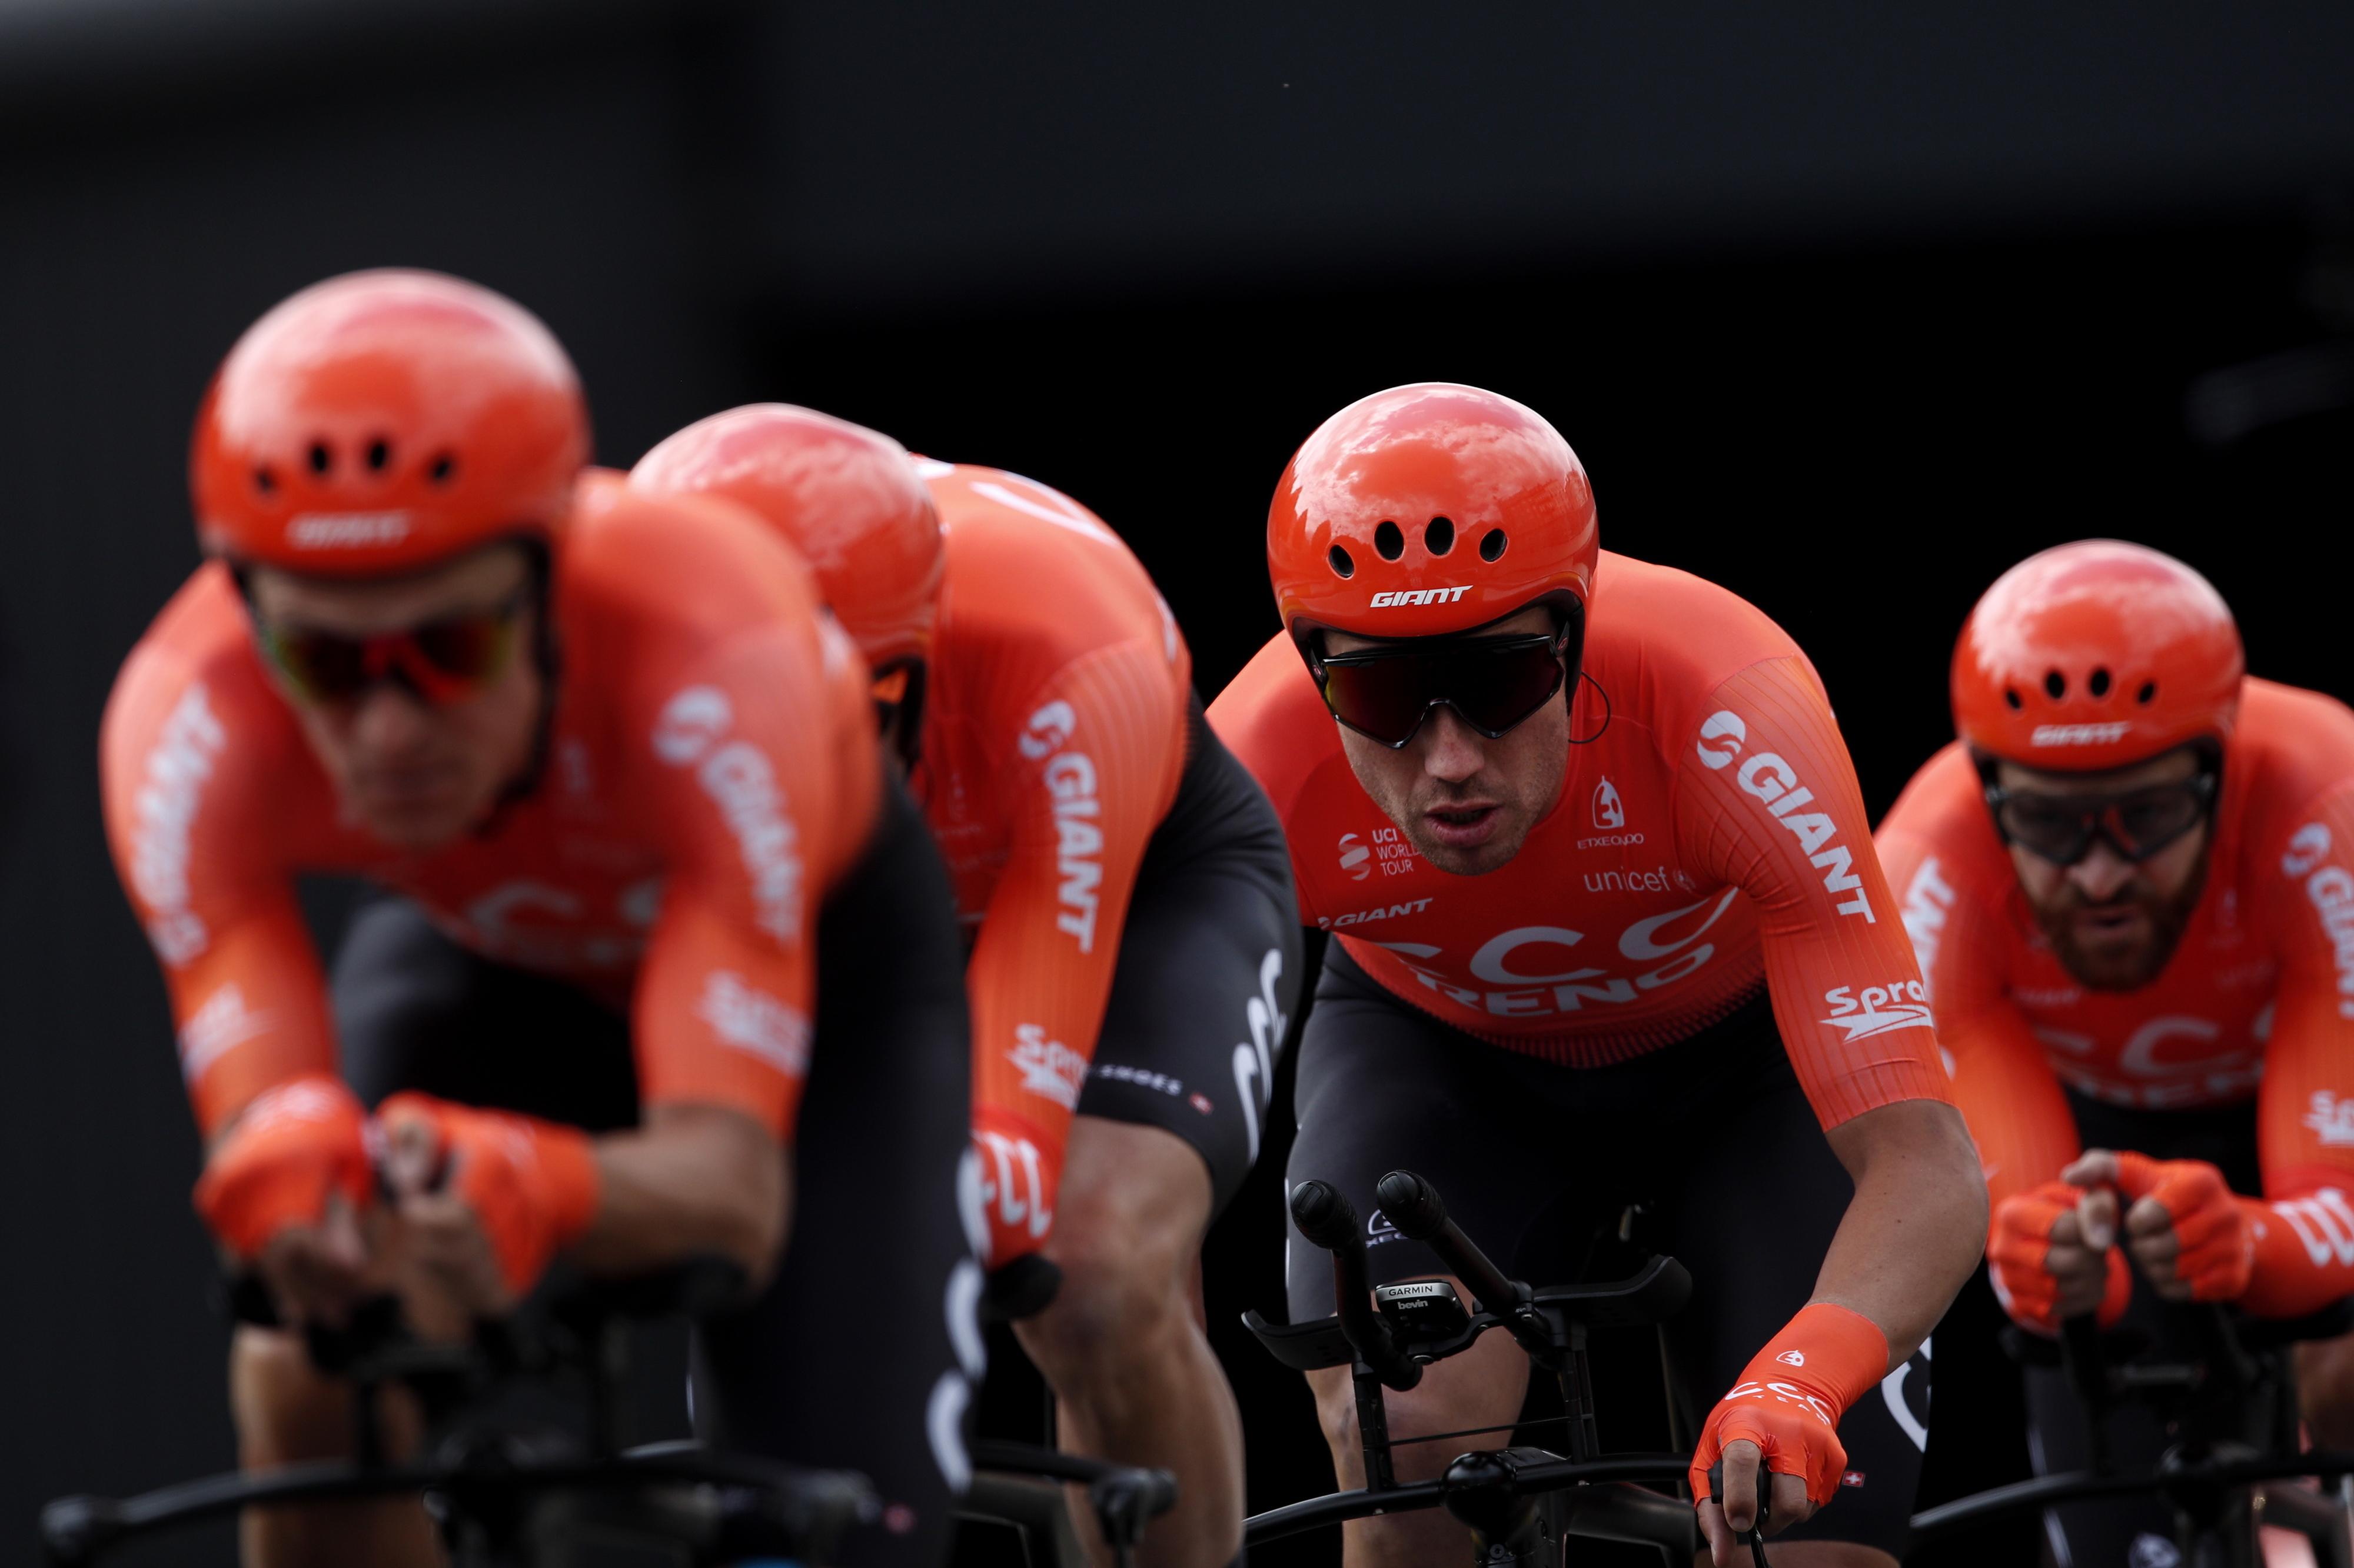 """Covid-19: Cortes salariais """"significativos"""" e suspensão de contratos na equipa de ciclismo CCC"""